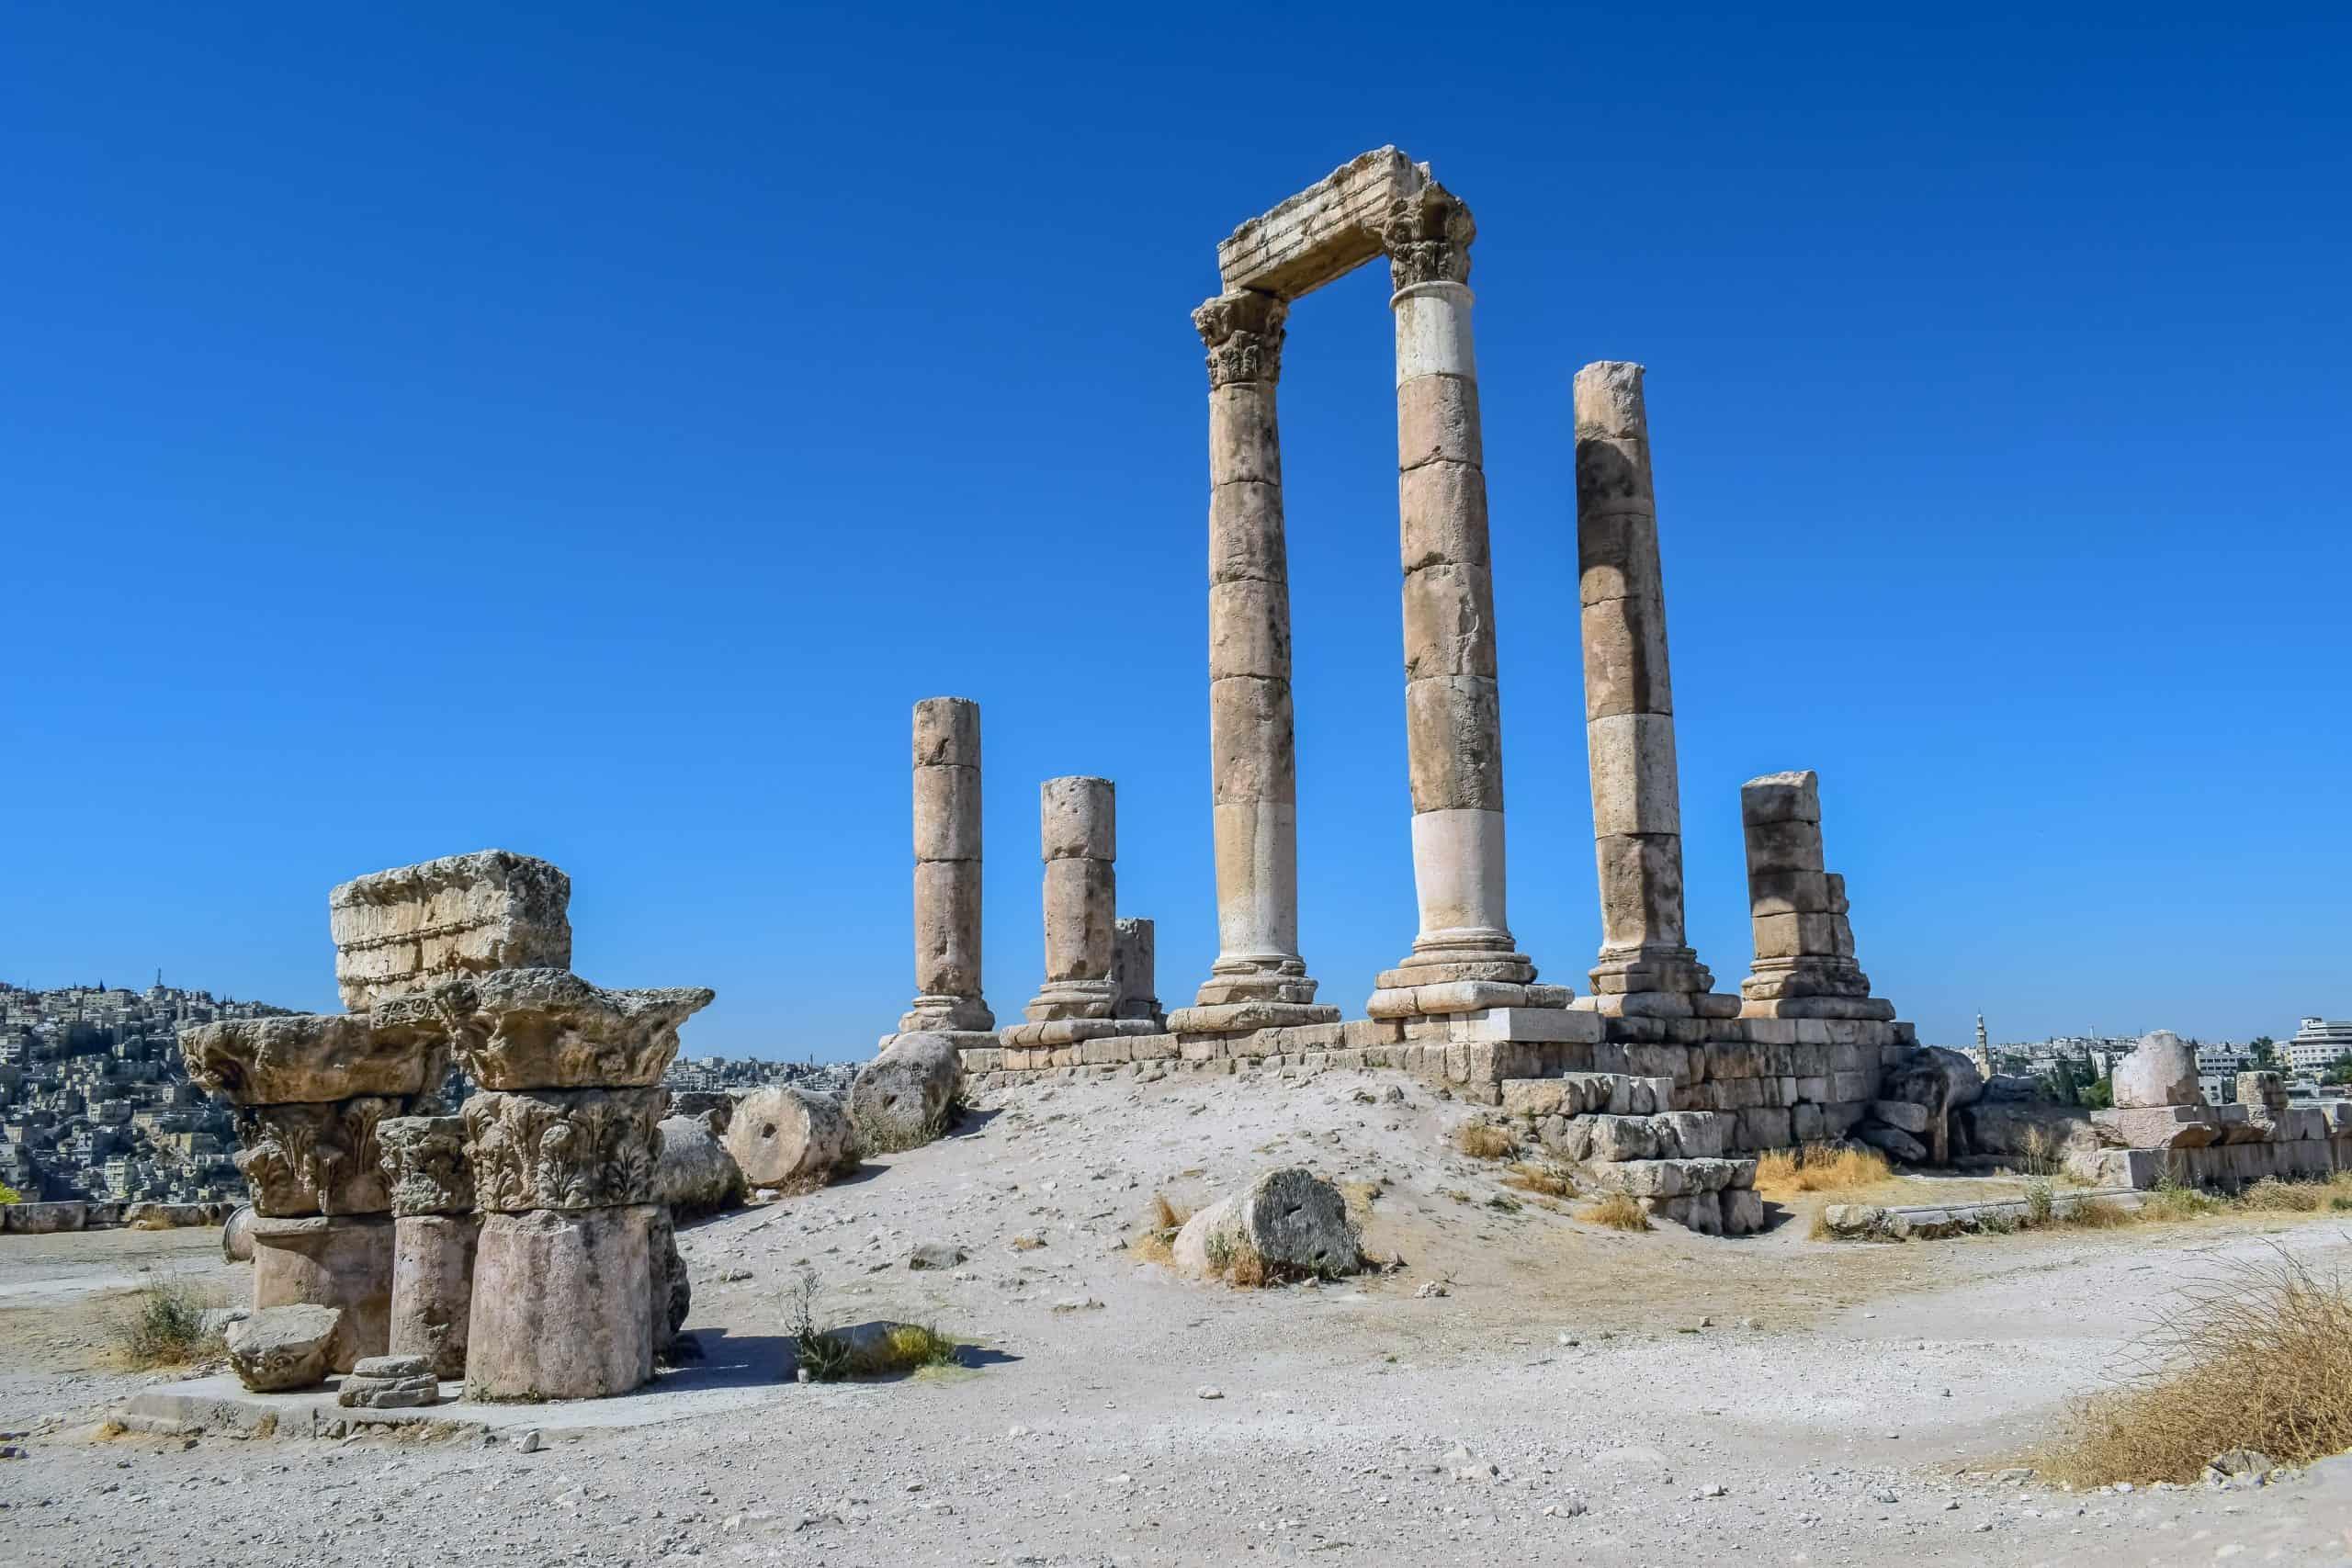 Temple of Hercules at the Citadel, Amman, Jordan